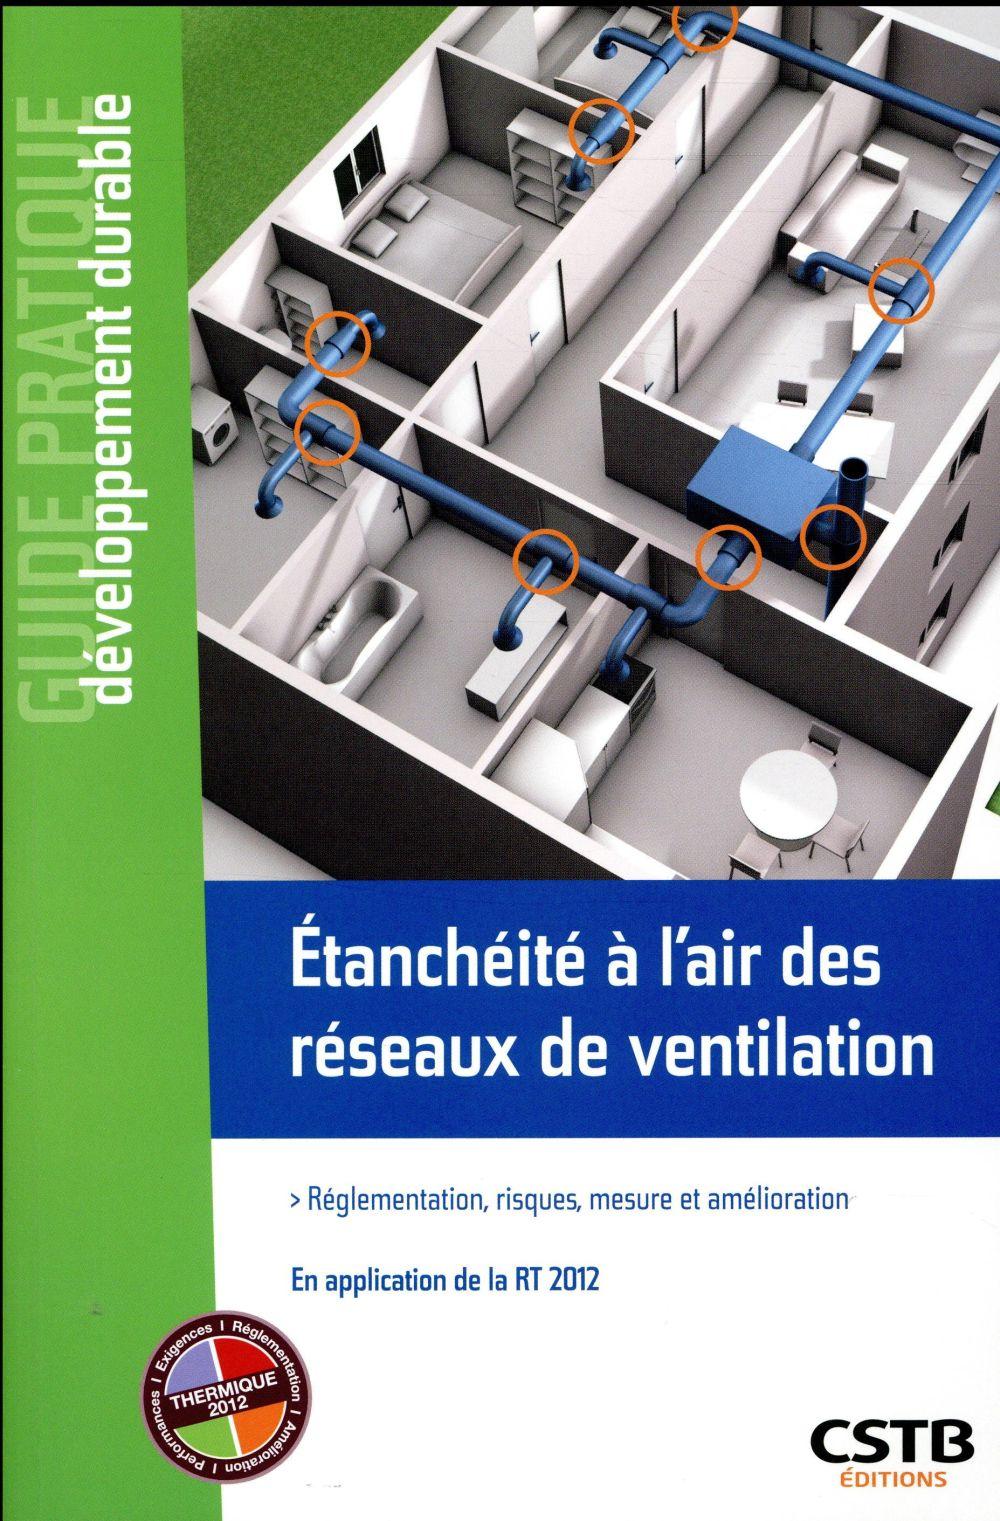 Etancheite A L Air Des Reseaux De Ventilation - Reglementation, Risques, Mesure Et Amelioration. En